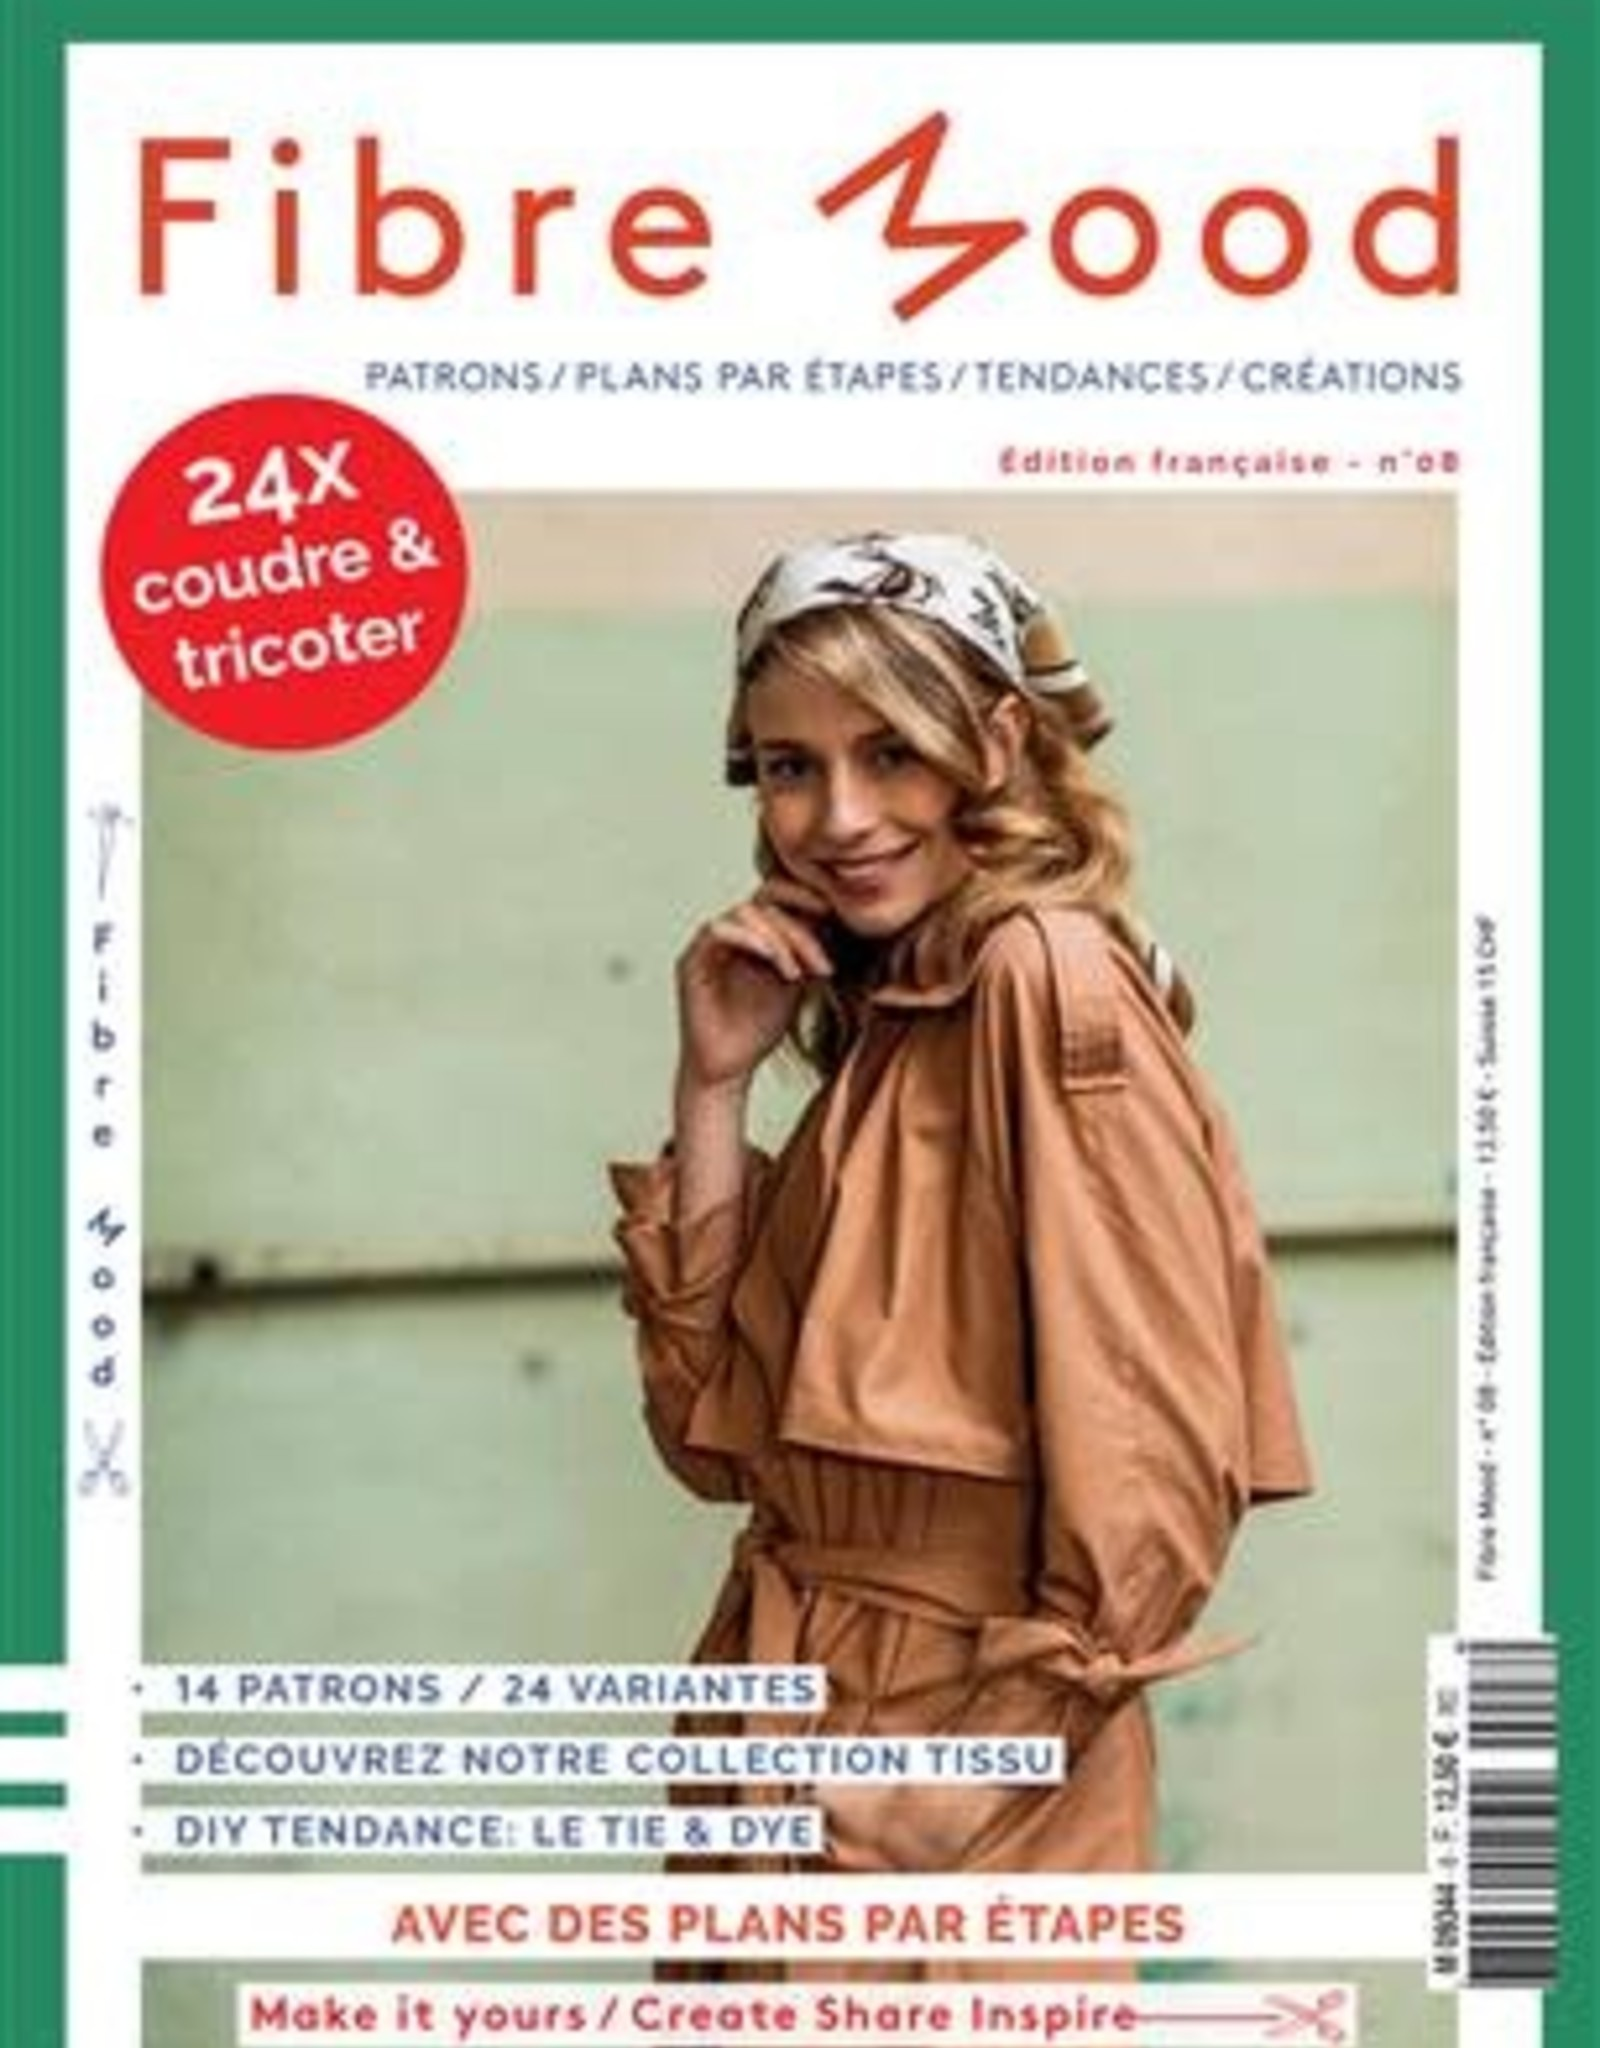 Fibre Mood Fibre Mood magazine editie 8